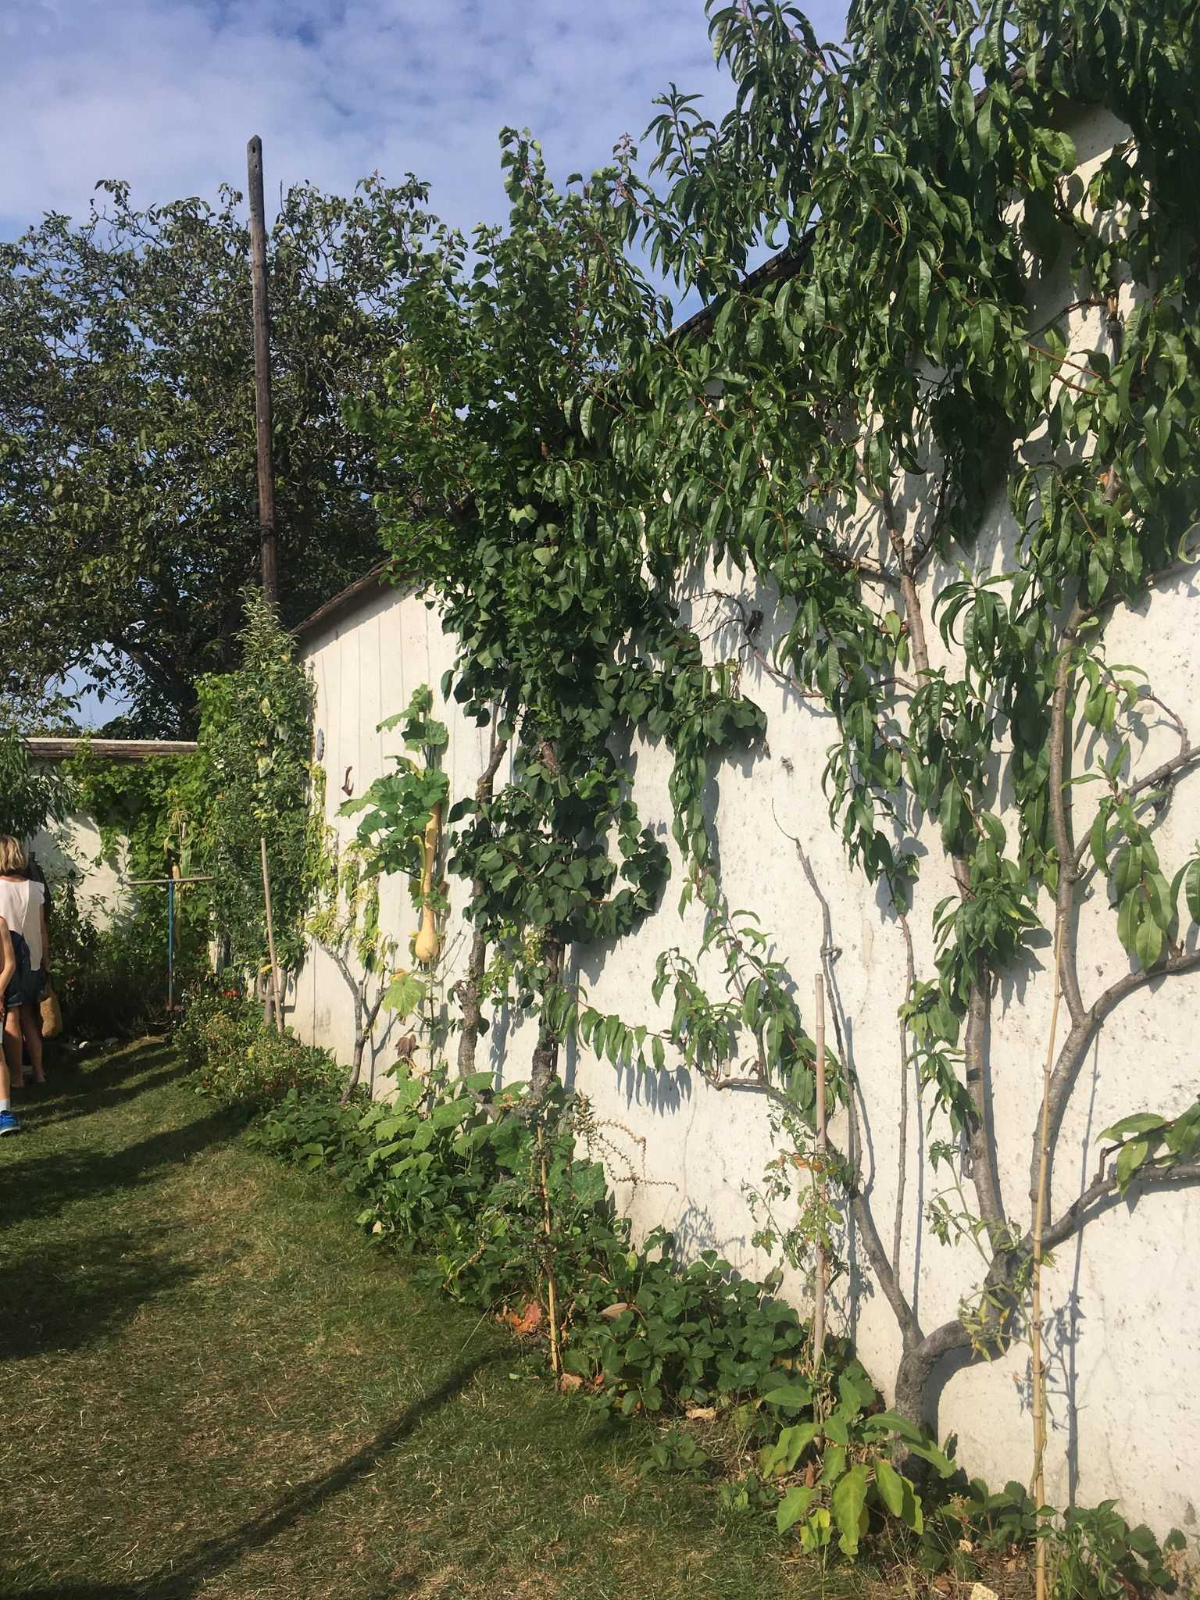 Arbres fruitiers le long d'un mur, Murs à Pêches, Montreuil.